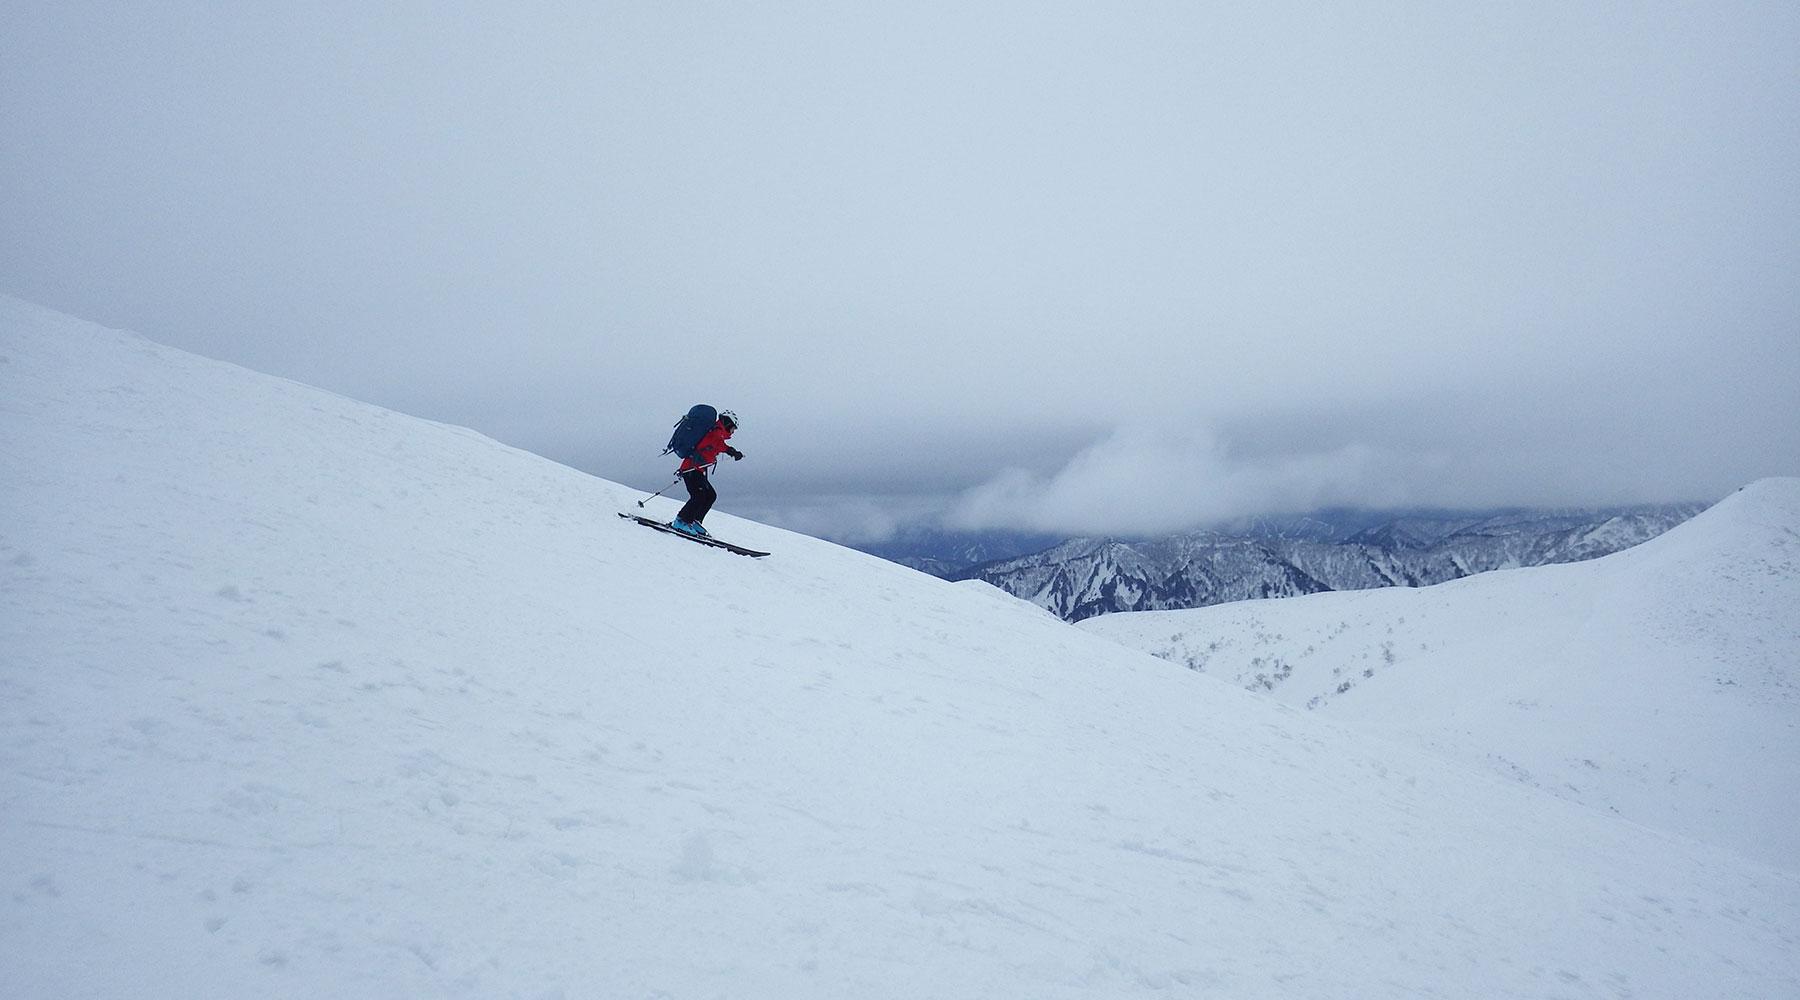 巻機山・山スキーで滑降